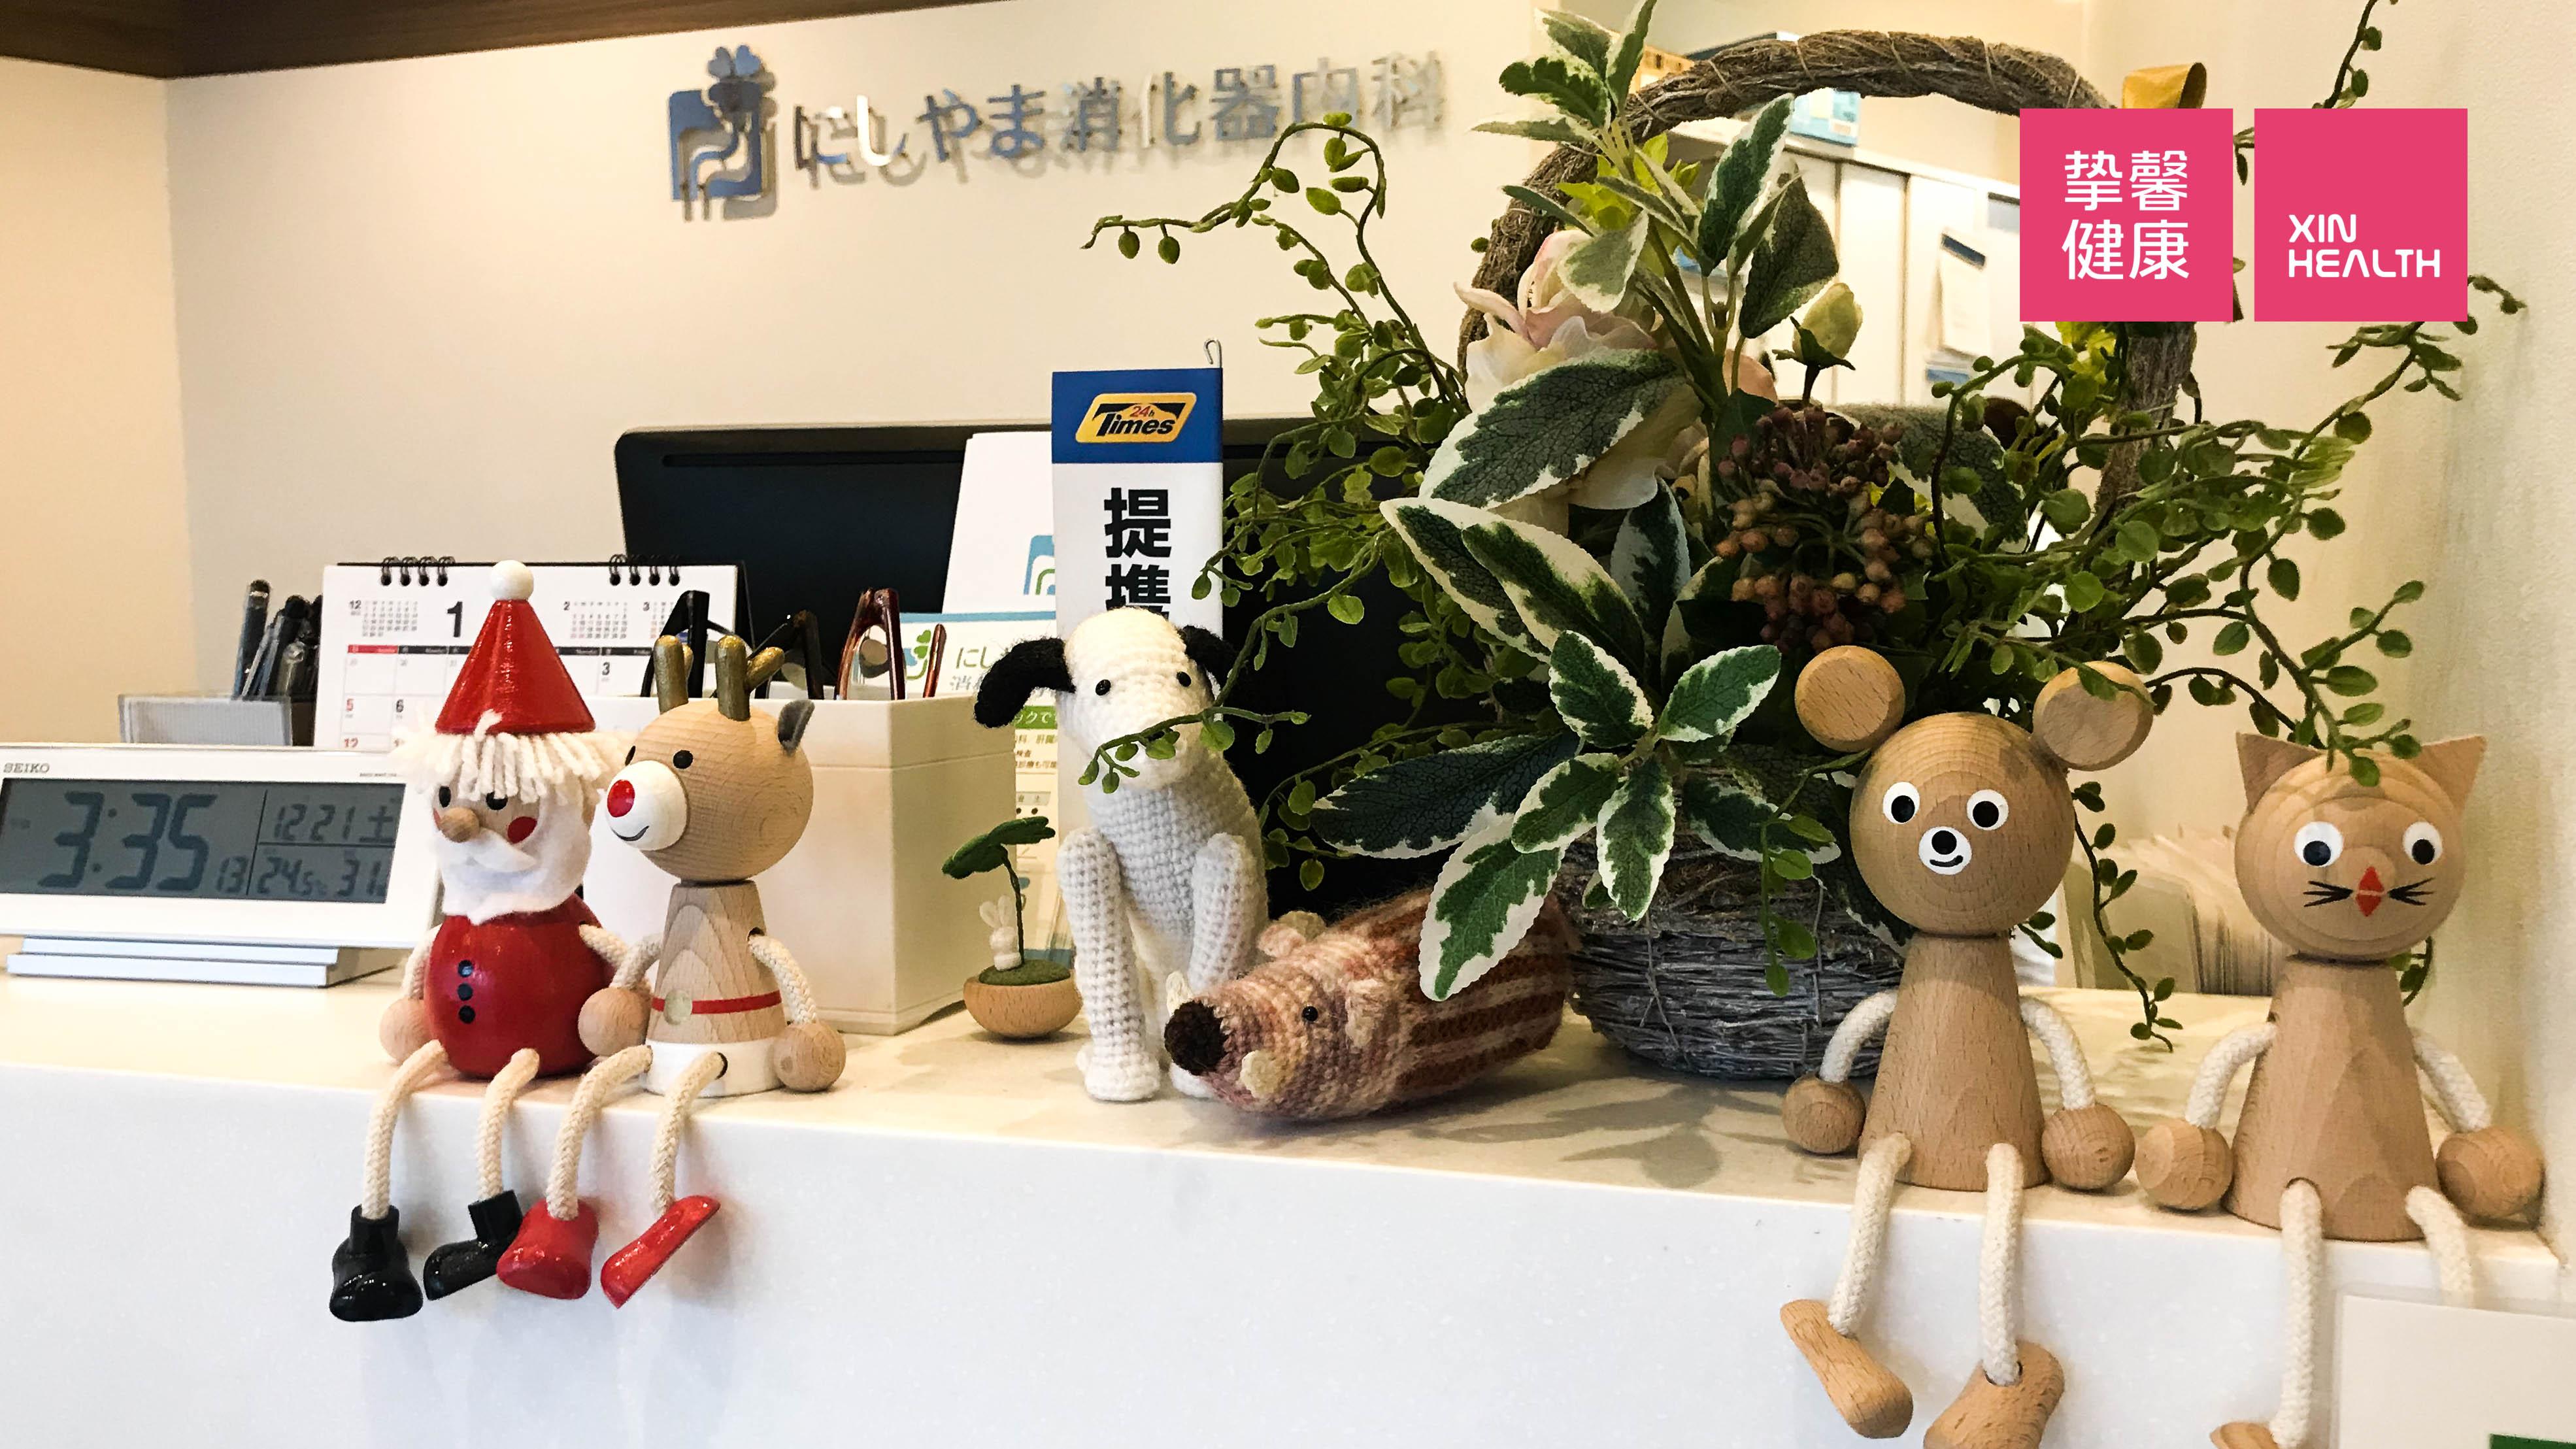 日本肠镜检查医院 西山消化器内科医院